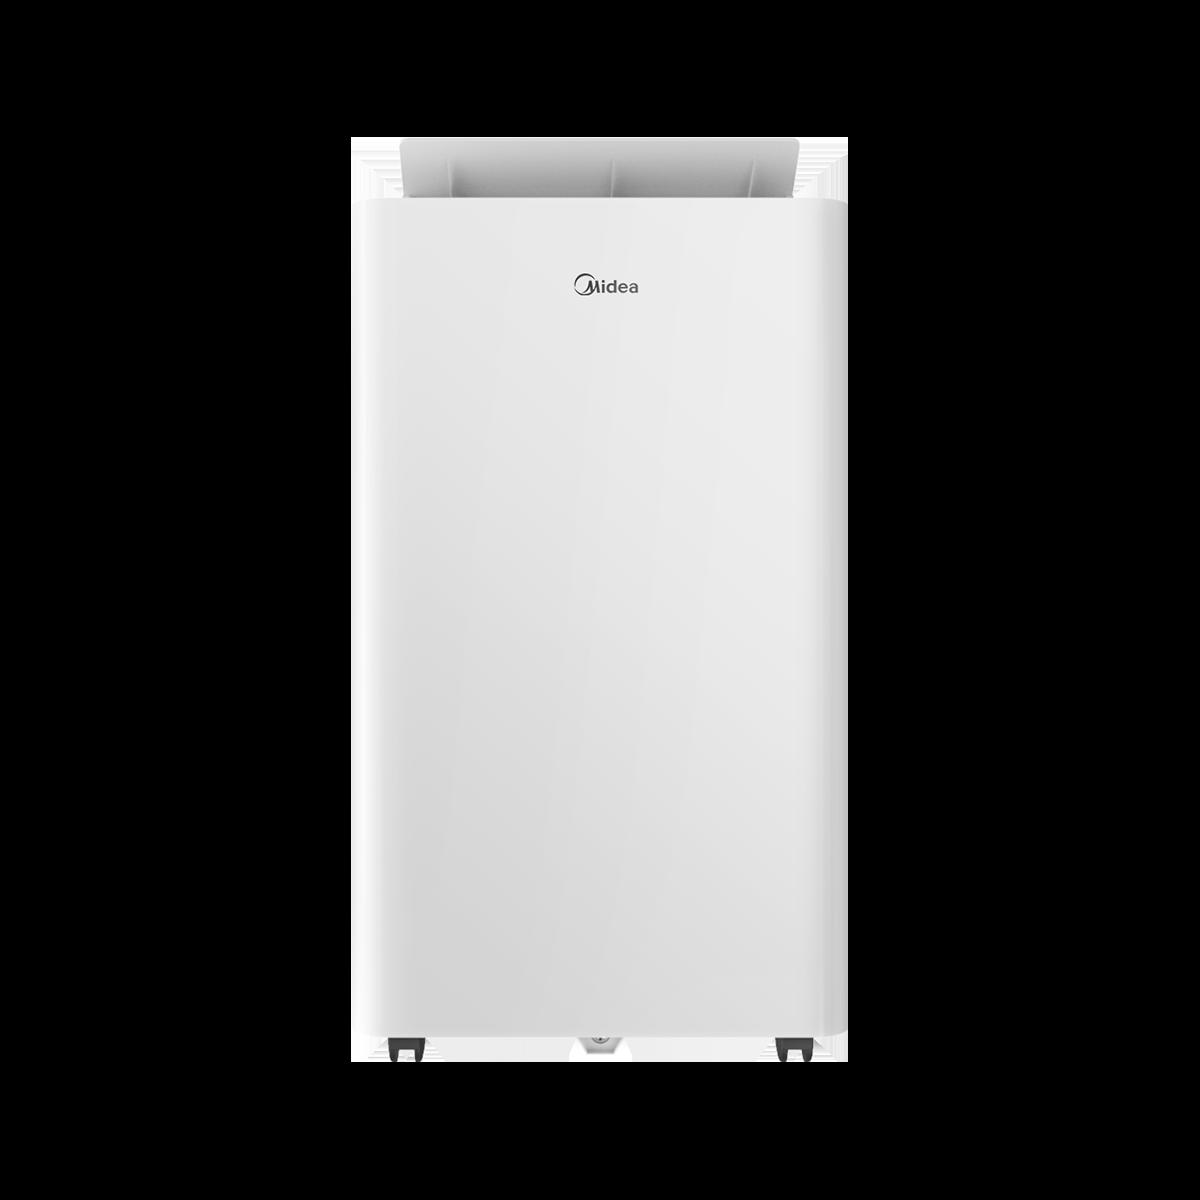 Midea/美的 KY-26/N7Y-PQ家用空调整体式 说明书.pdf